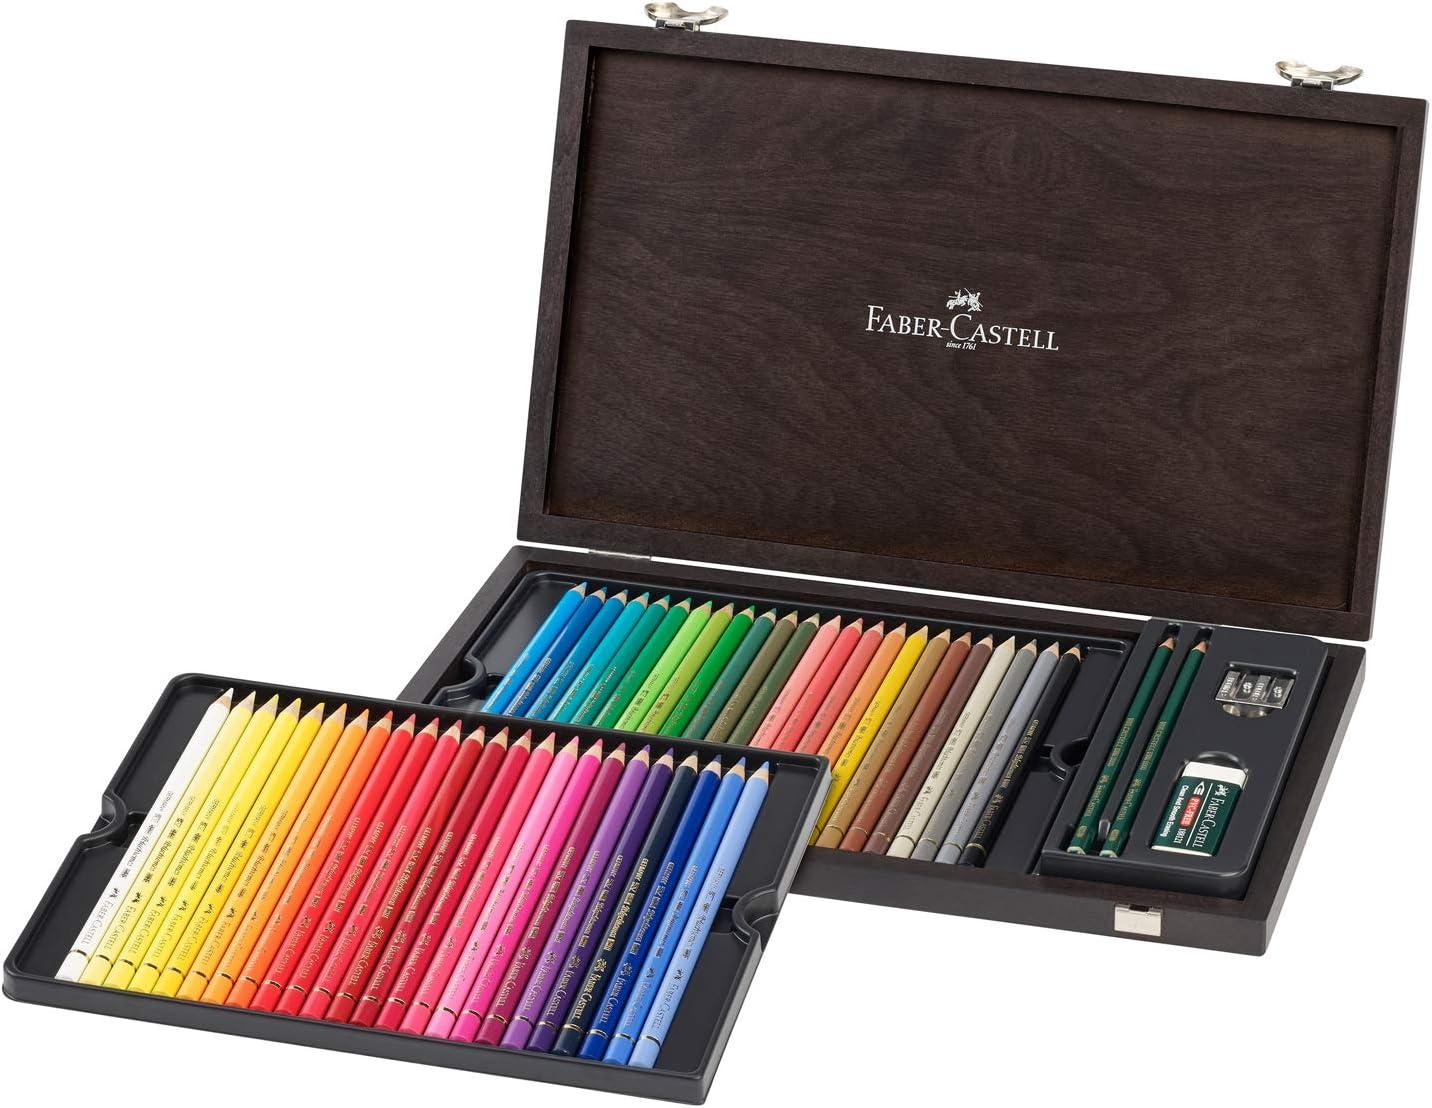 Faber-Castell 110006 Polychromo - Caja de 48 lápices de colores Polychromos, resistente al agua, a la rotura, para profesionales y artistas aficionados, multicolor: Amazon.es: Juguetes y juegos